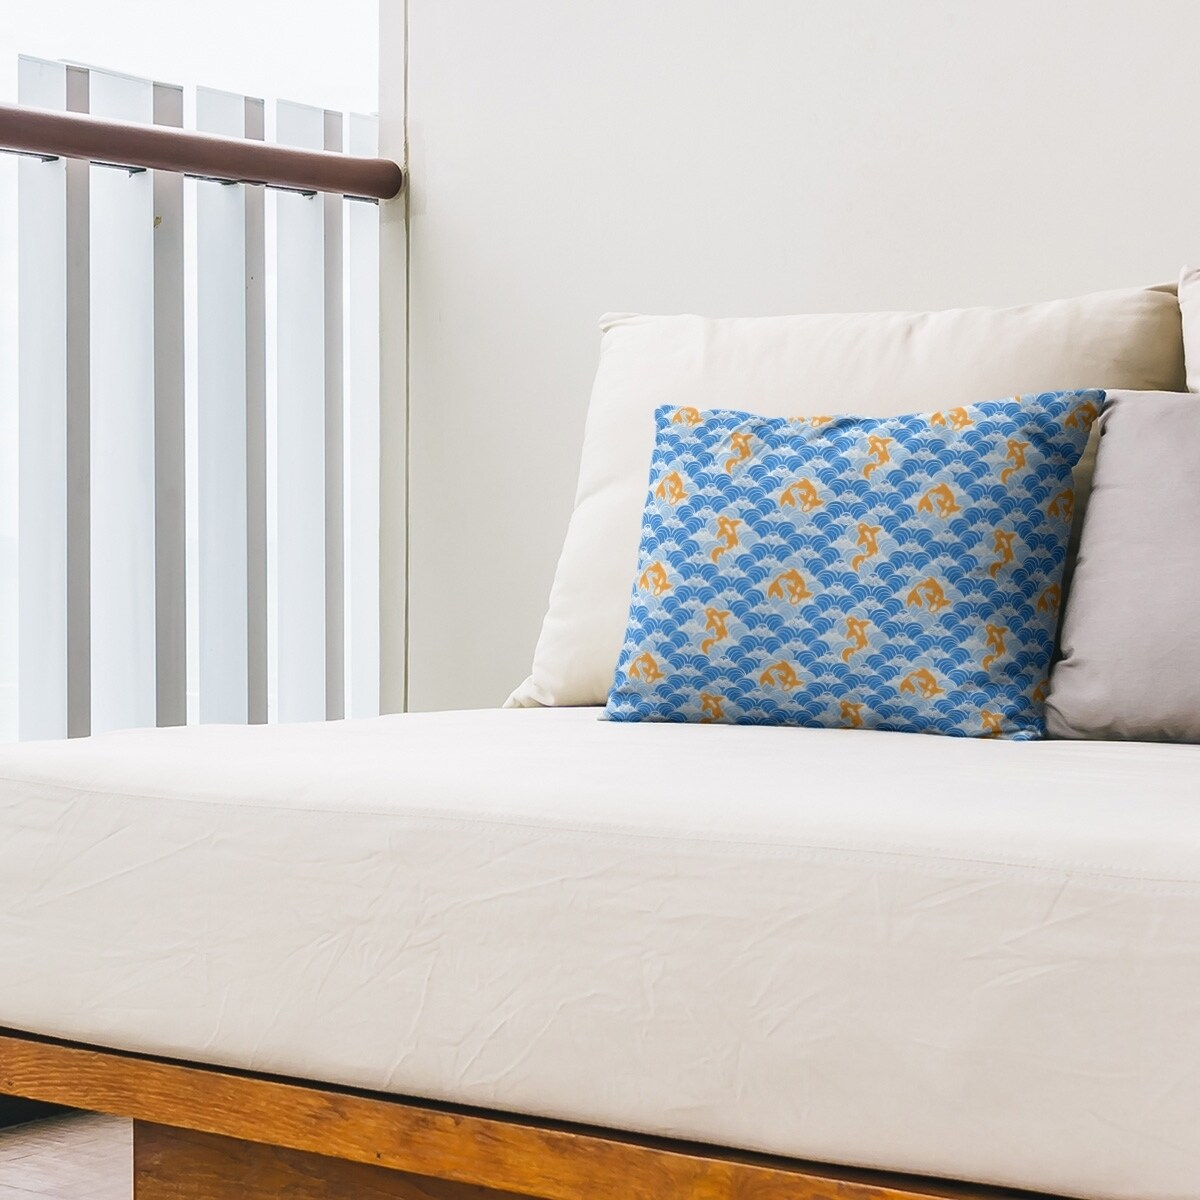 Koi Fish Waves Outdoor Lumbar Pillow Overstock 28426964